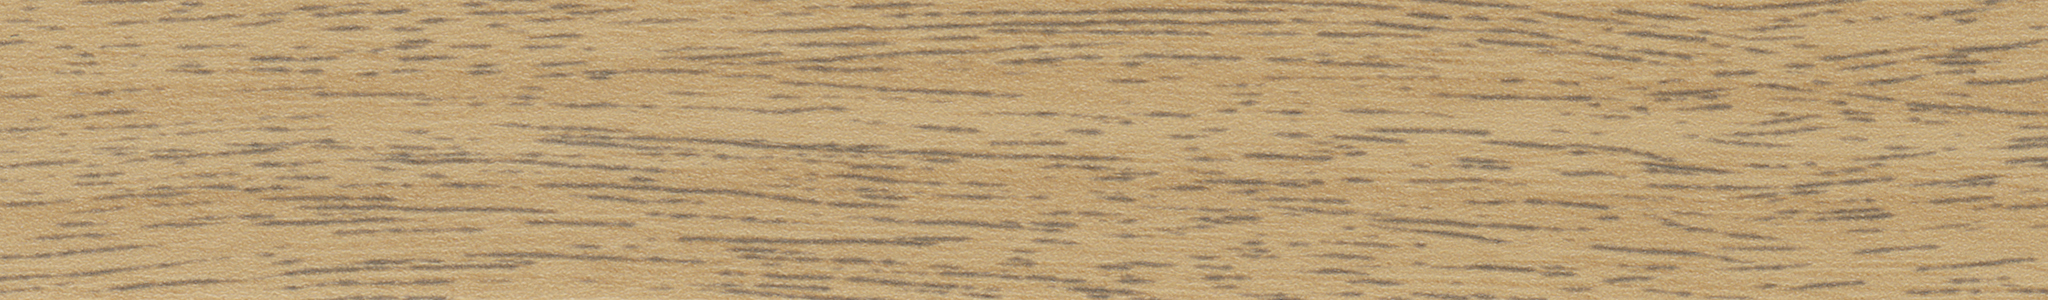 HD 289614 Chant ABS Noyer Lyon Perle